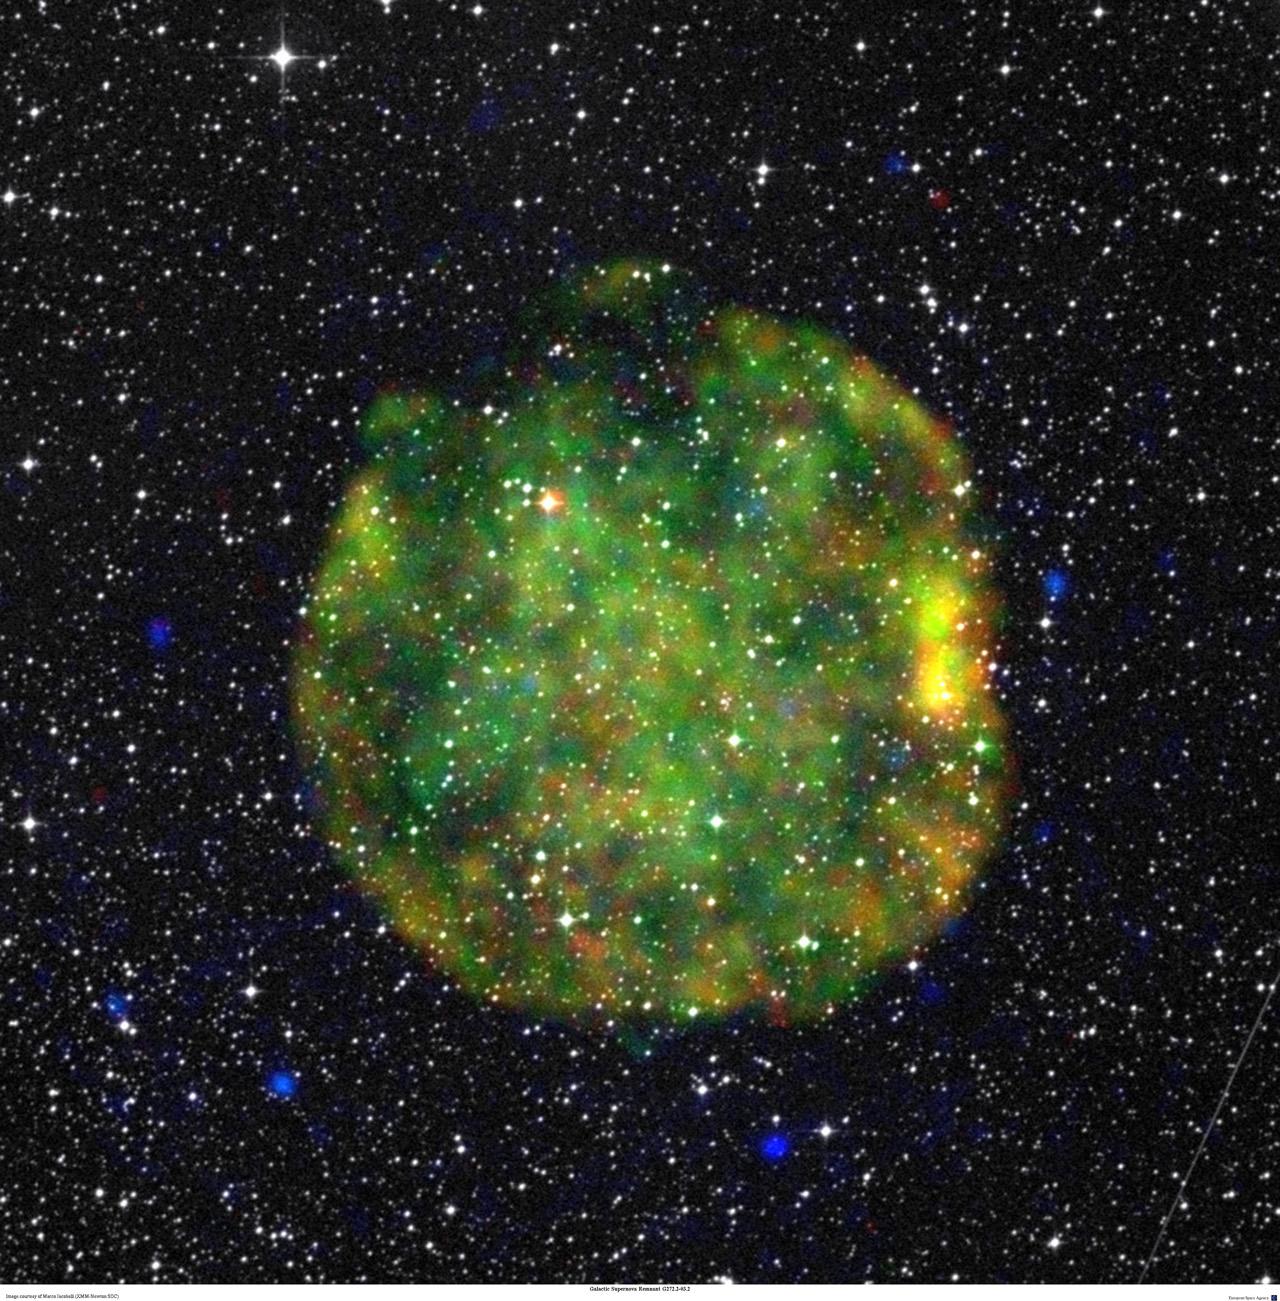 1567215466853-XMM-Newton_Supernova_remnant.jpg